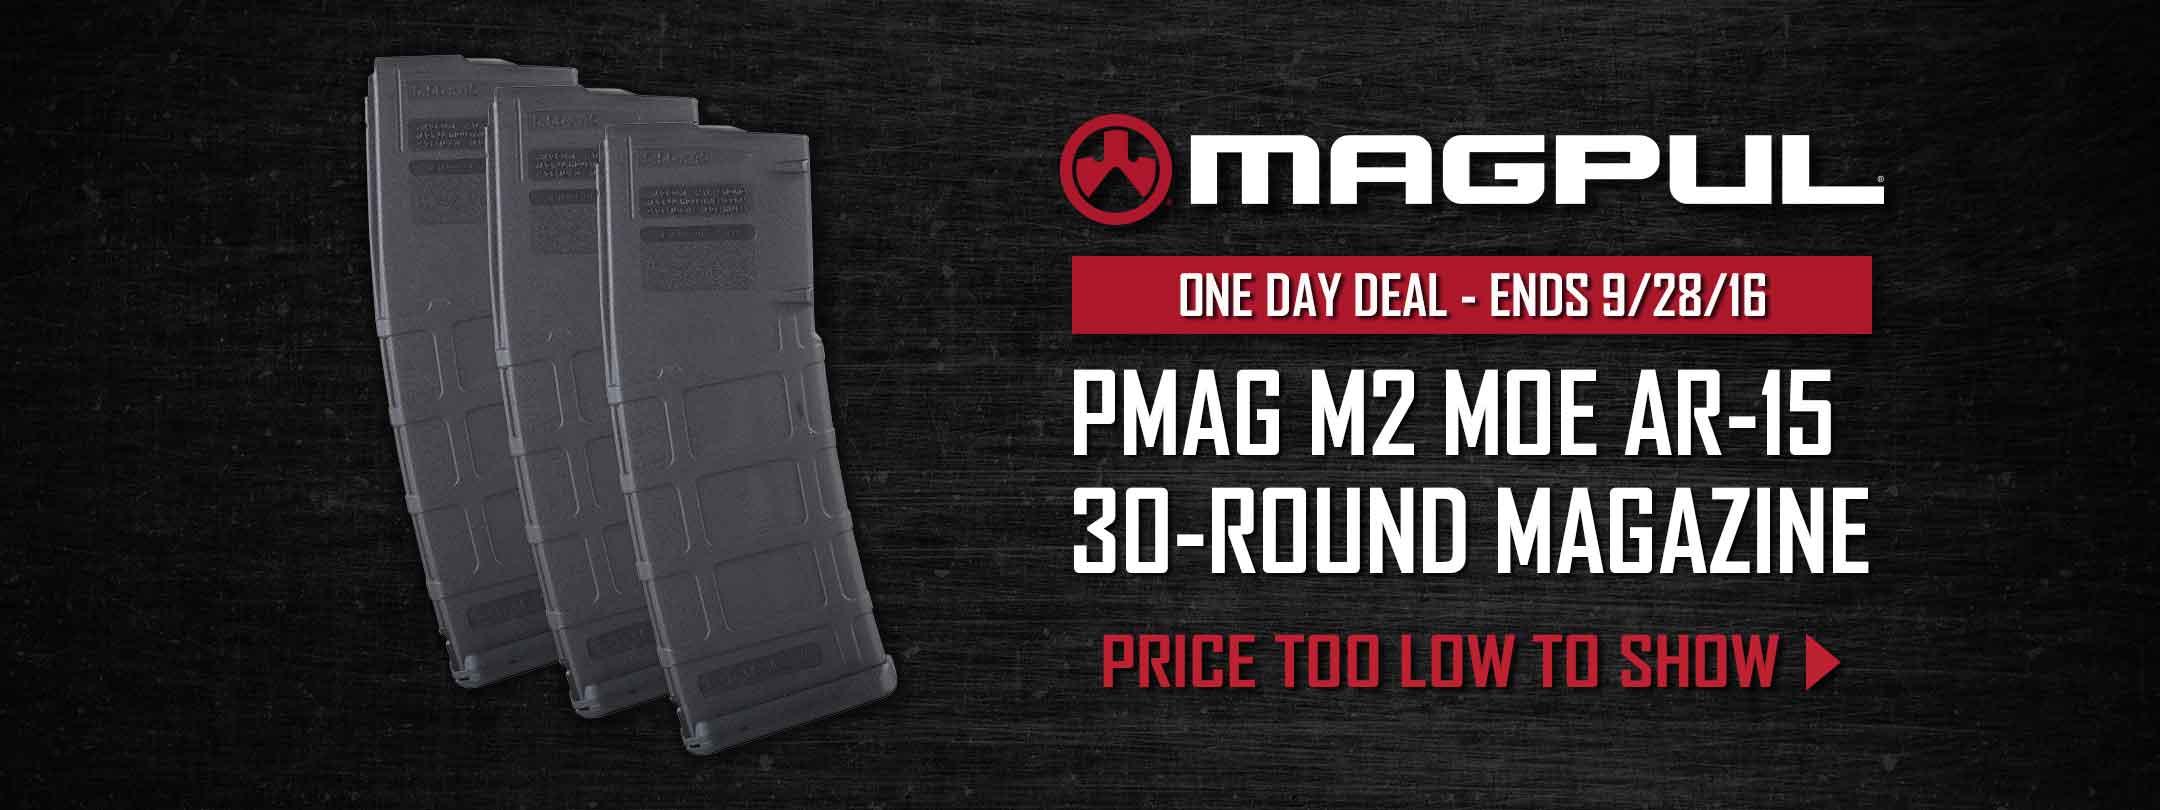 Magpul PMAG M2 MOE AR-15 30-Round Magazine